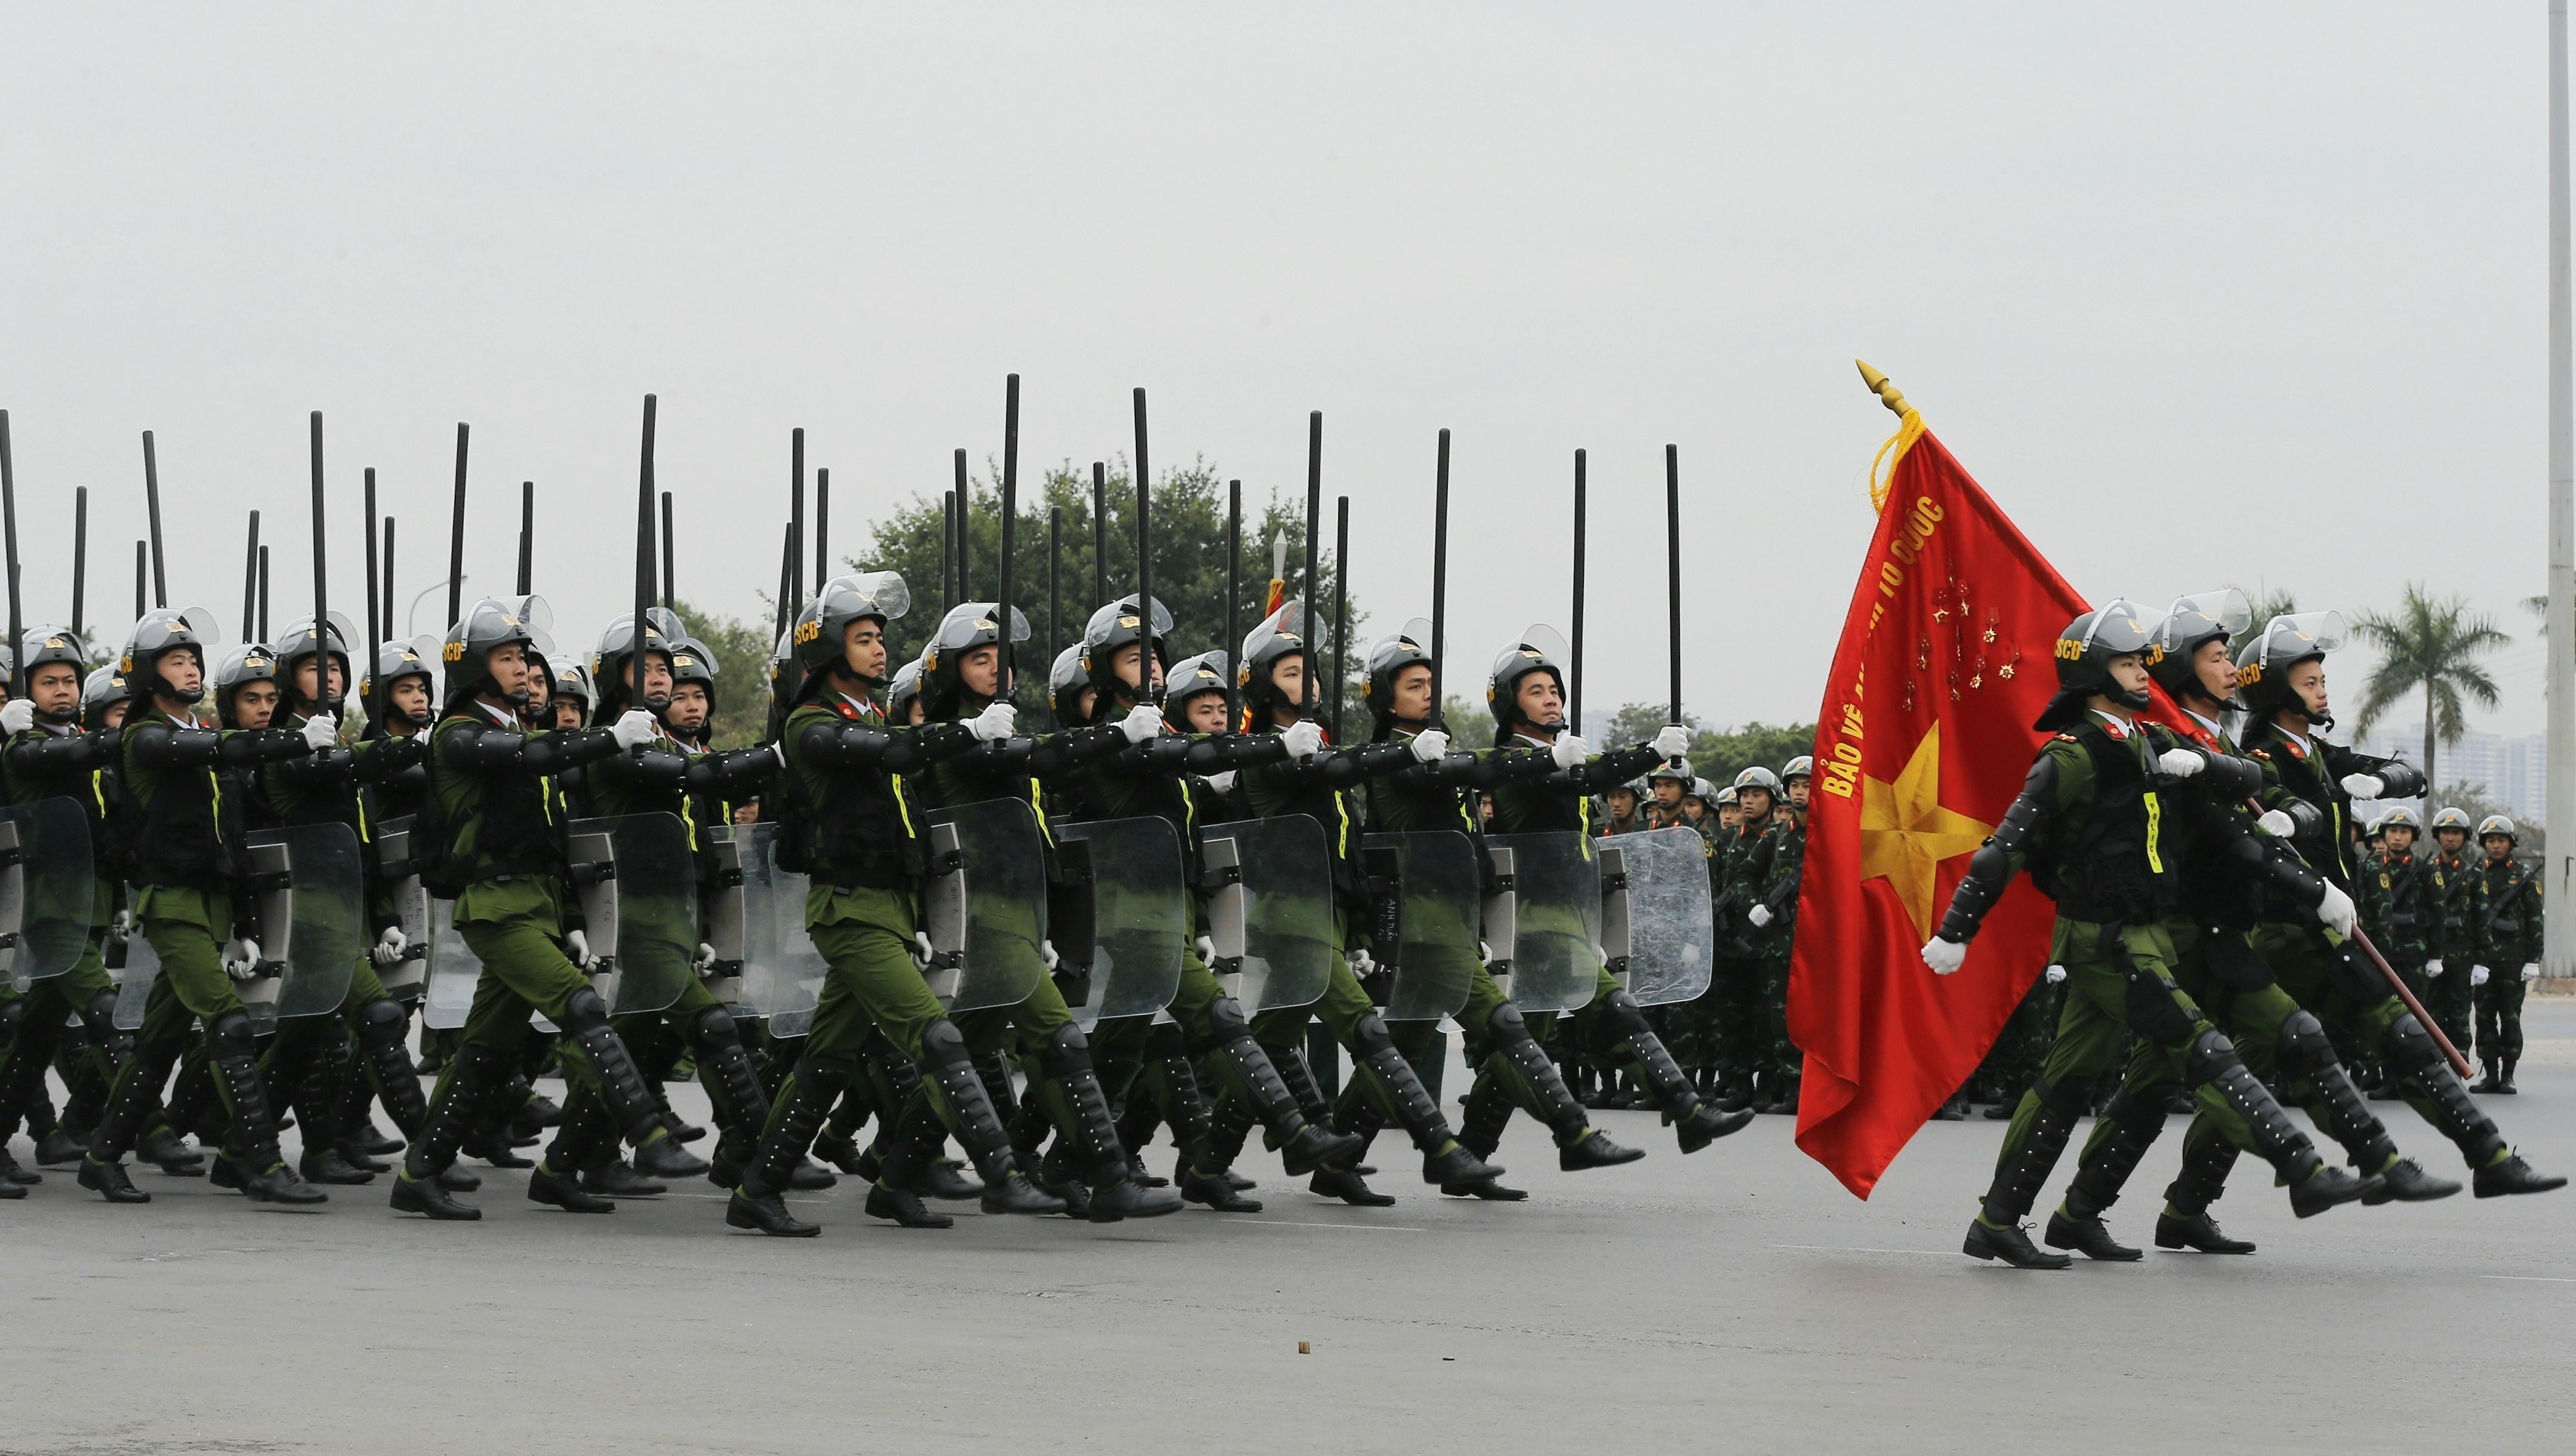 Le xuat quan, dien tap phuong an bao ve Dai hoi lan thu XIII cua Dang hinh anh 3